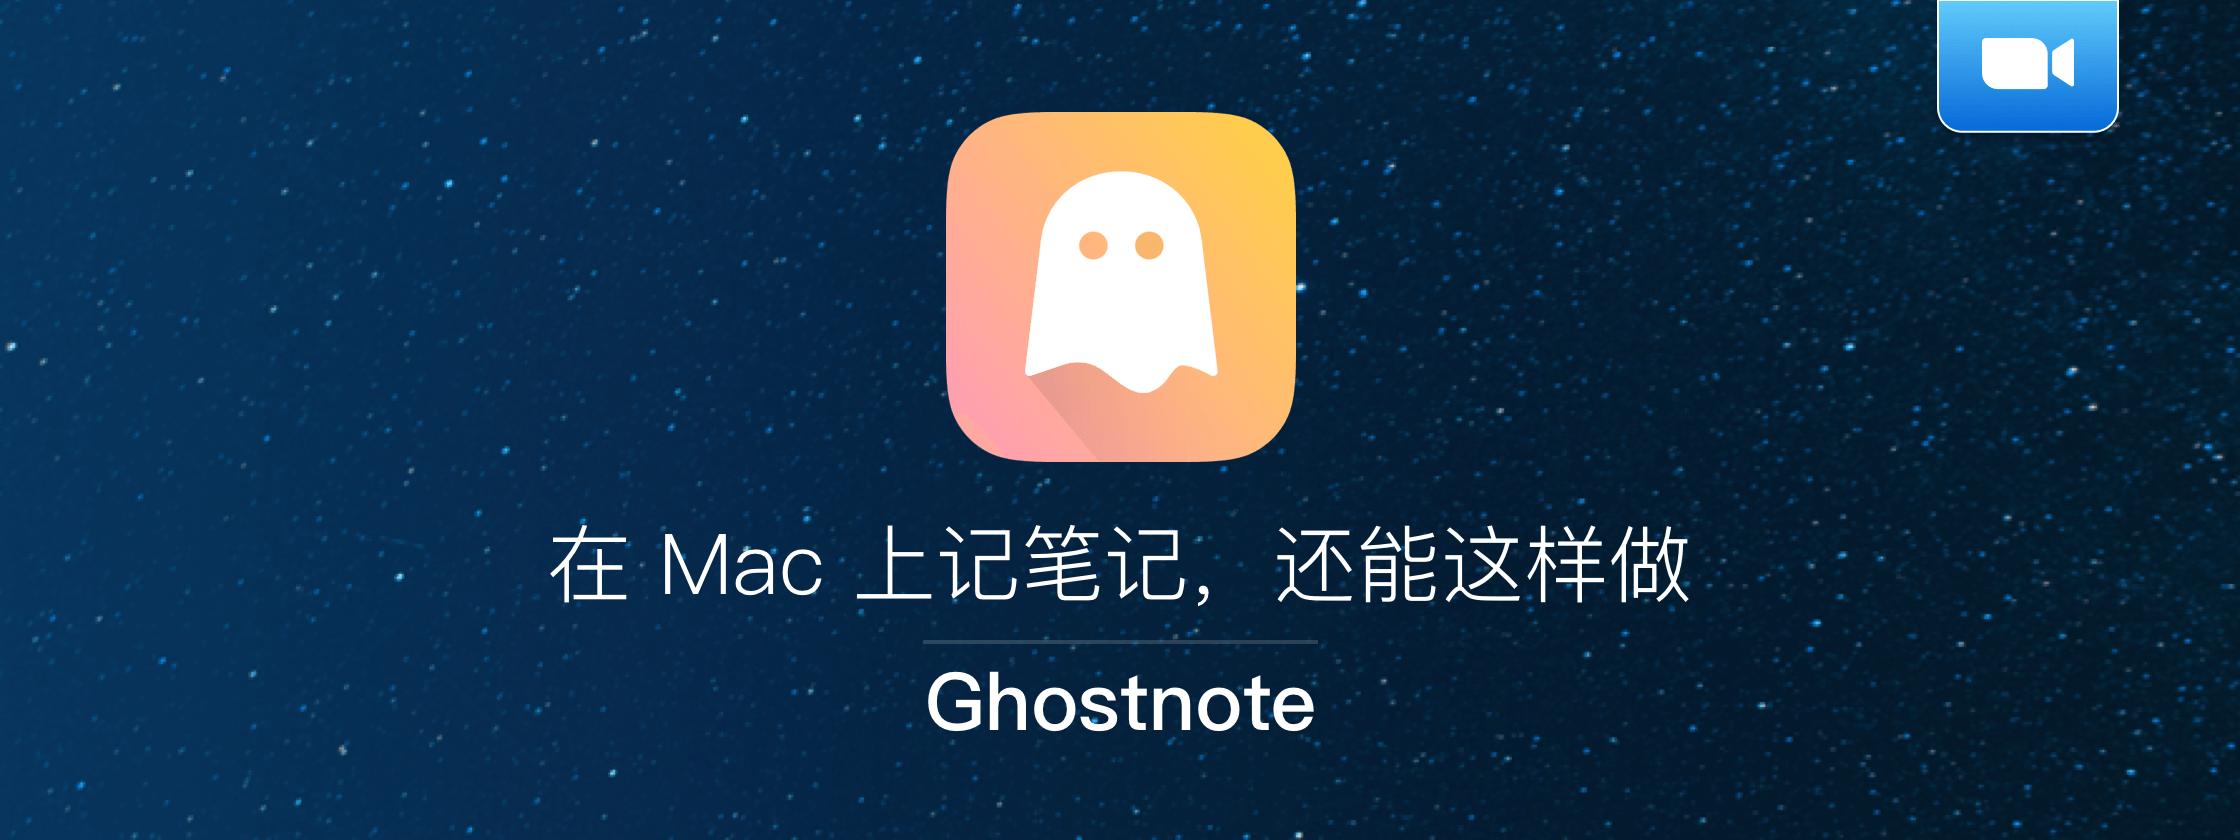 【视频】GhostNote,在 Mac 上记笔记,还能这样做